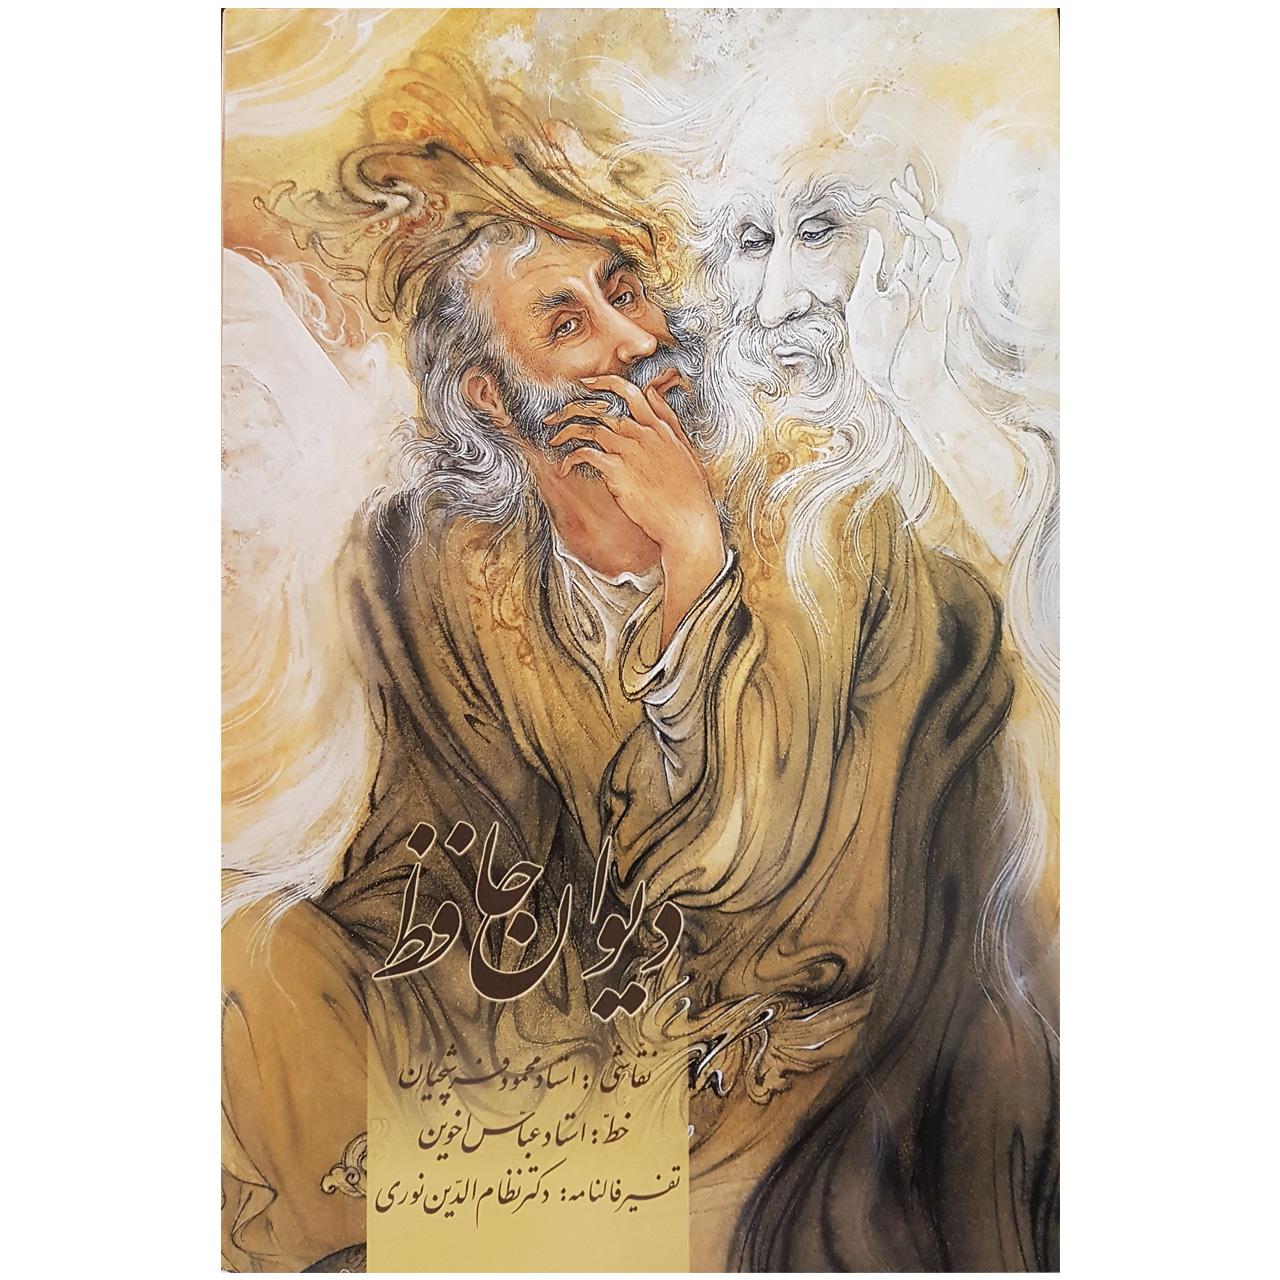 کتاب دیوان حافظ اثر شمس الدین محمد حافظ شیرازی